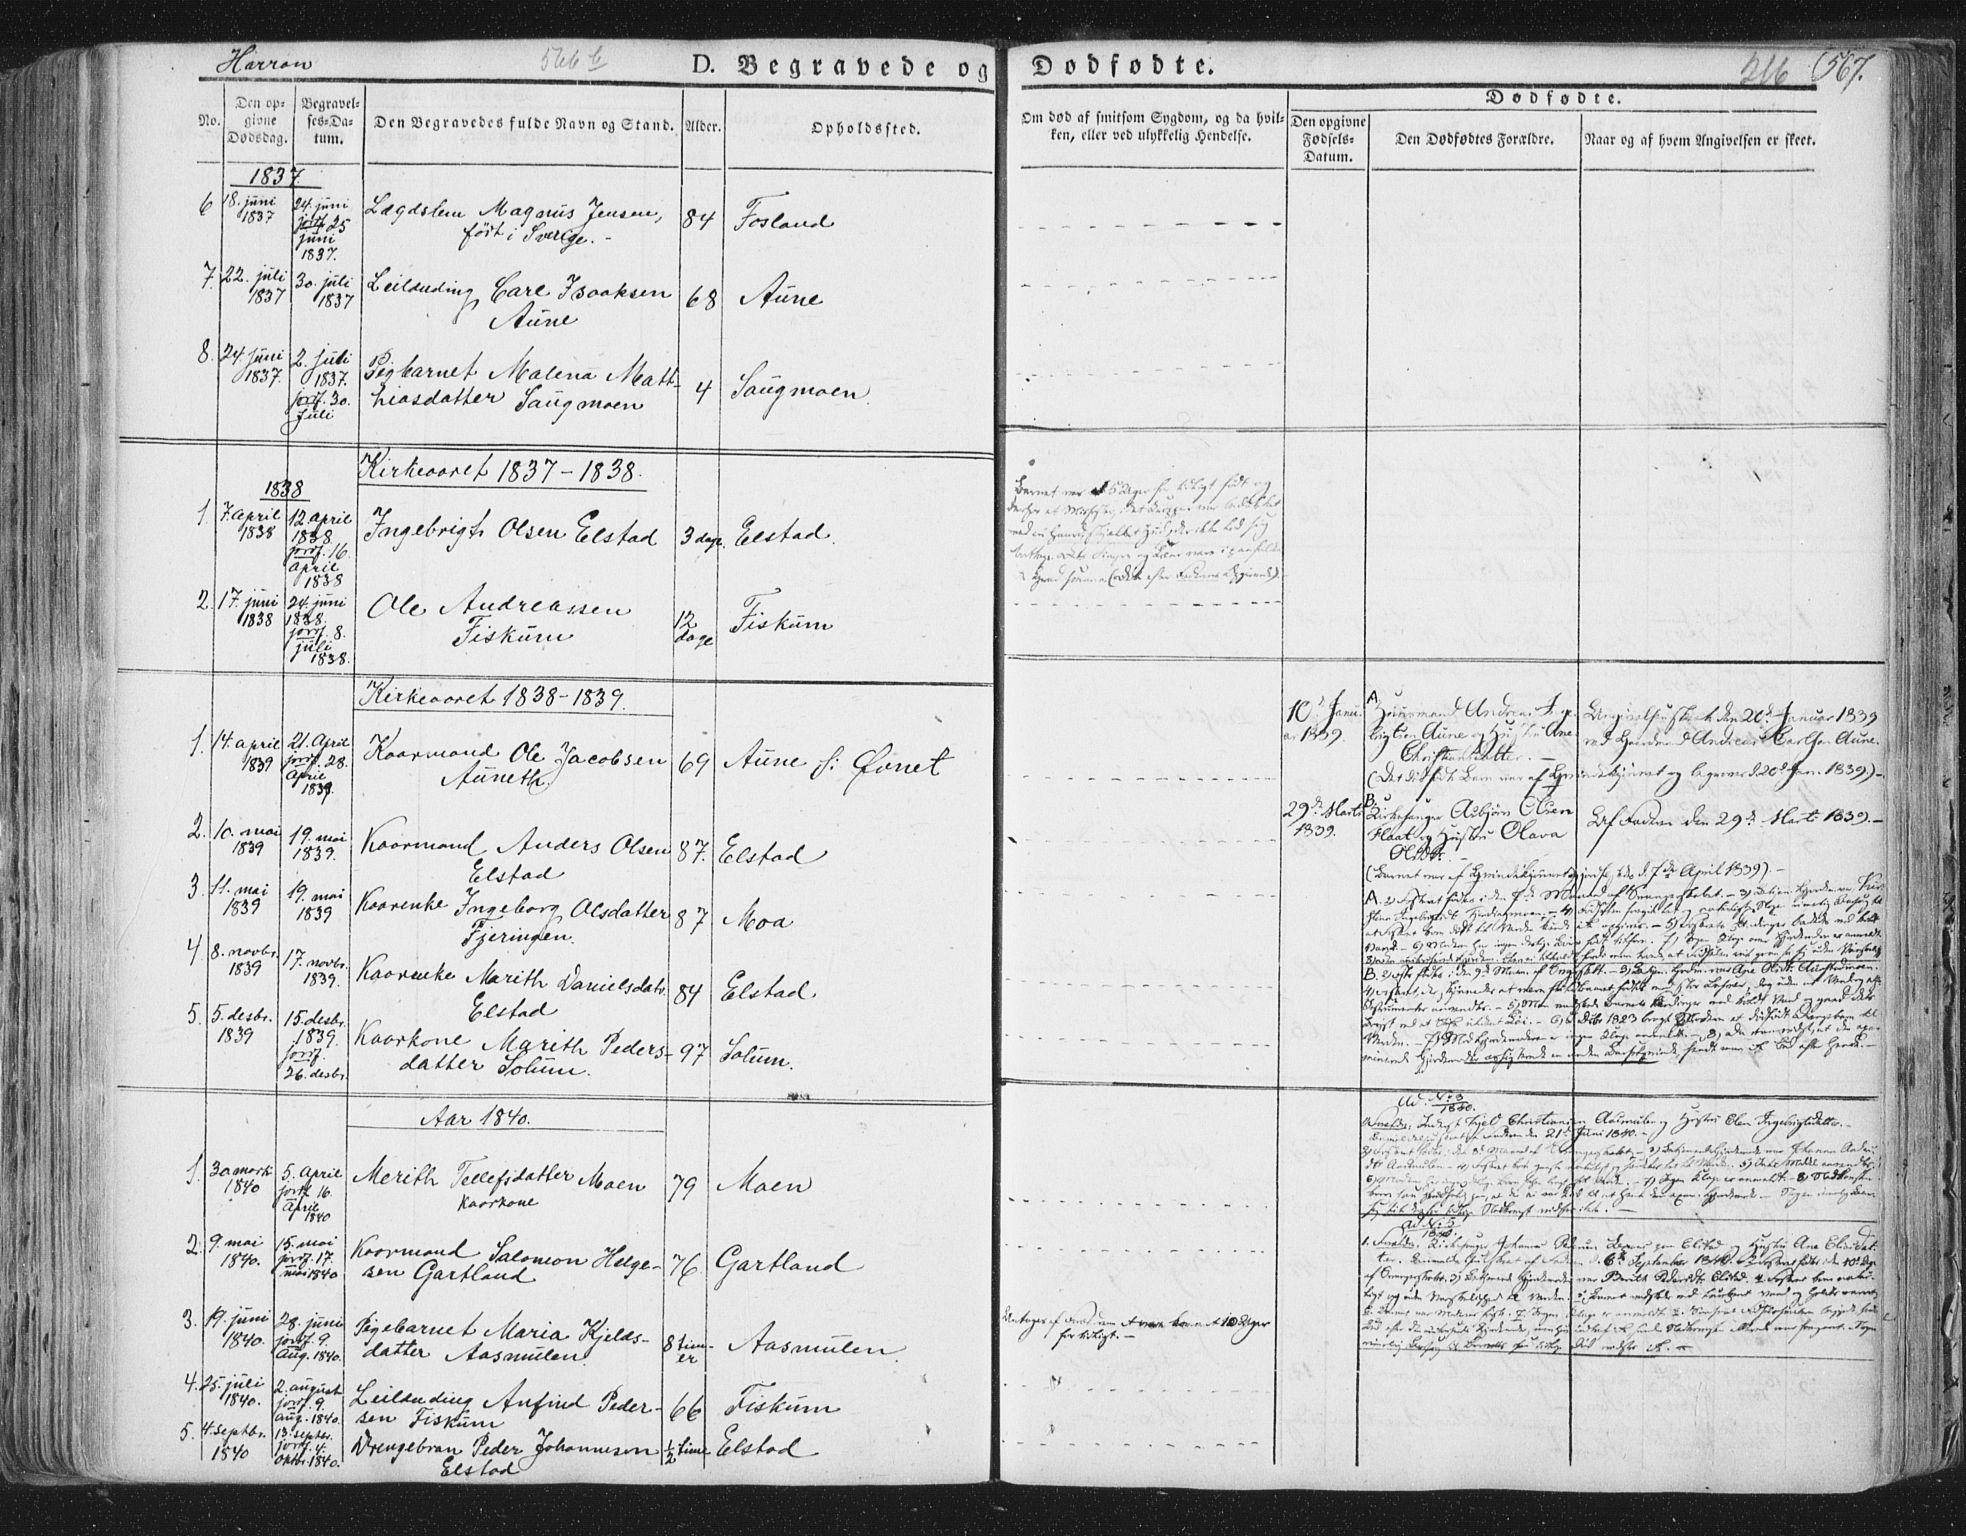 SAT, Ministerialprotokoller, klokkerbøker og fødselsregistre - Nord-Trøndelag, 758/L0513: Ministerialbok nr. 758A02 /3, 1839-1868, s. 216